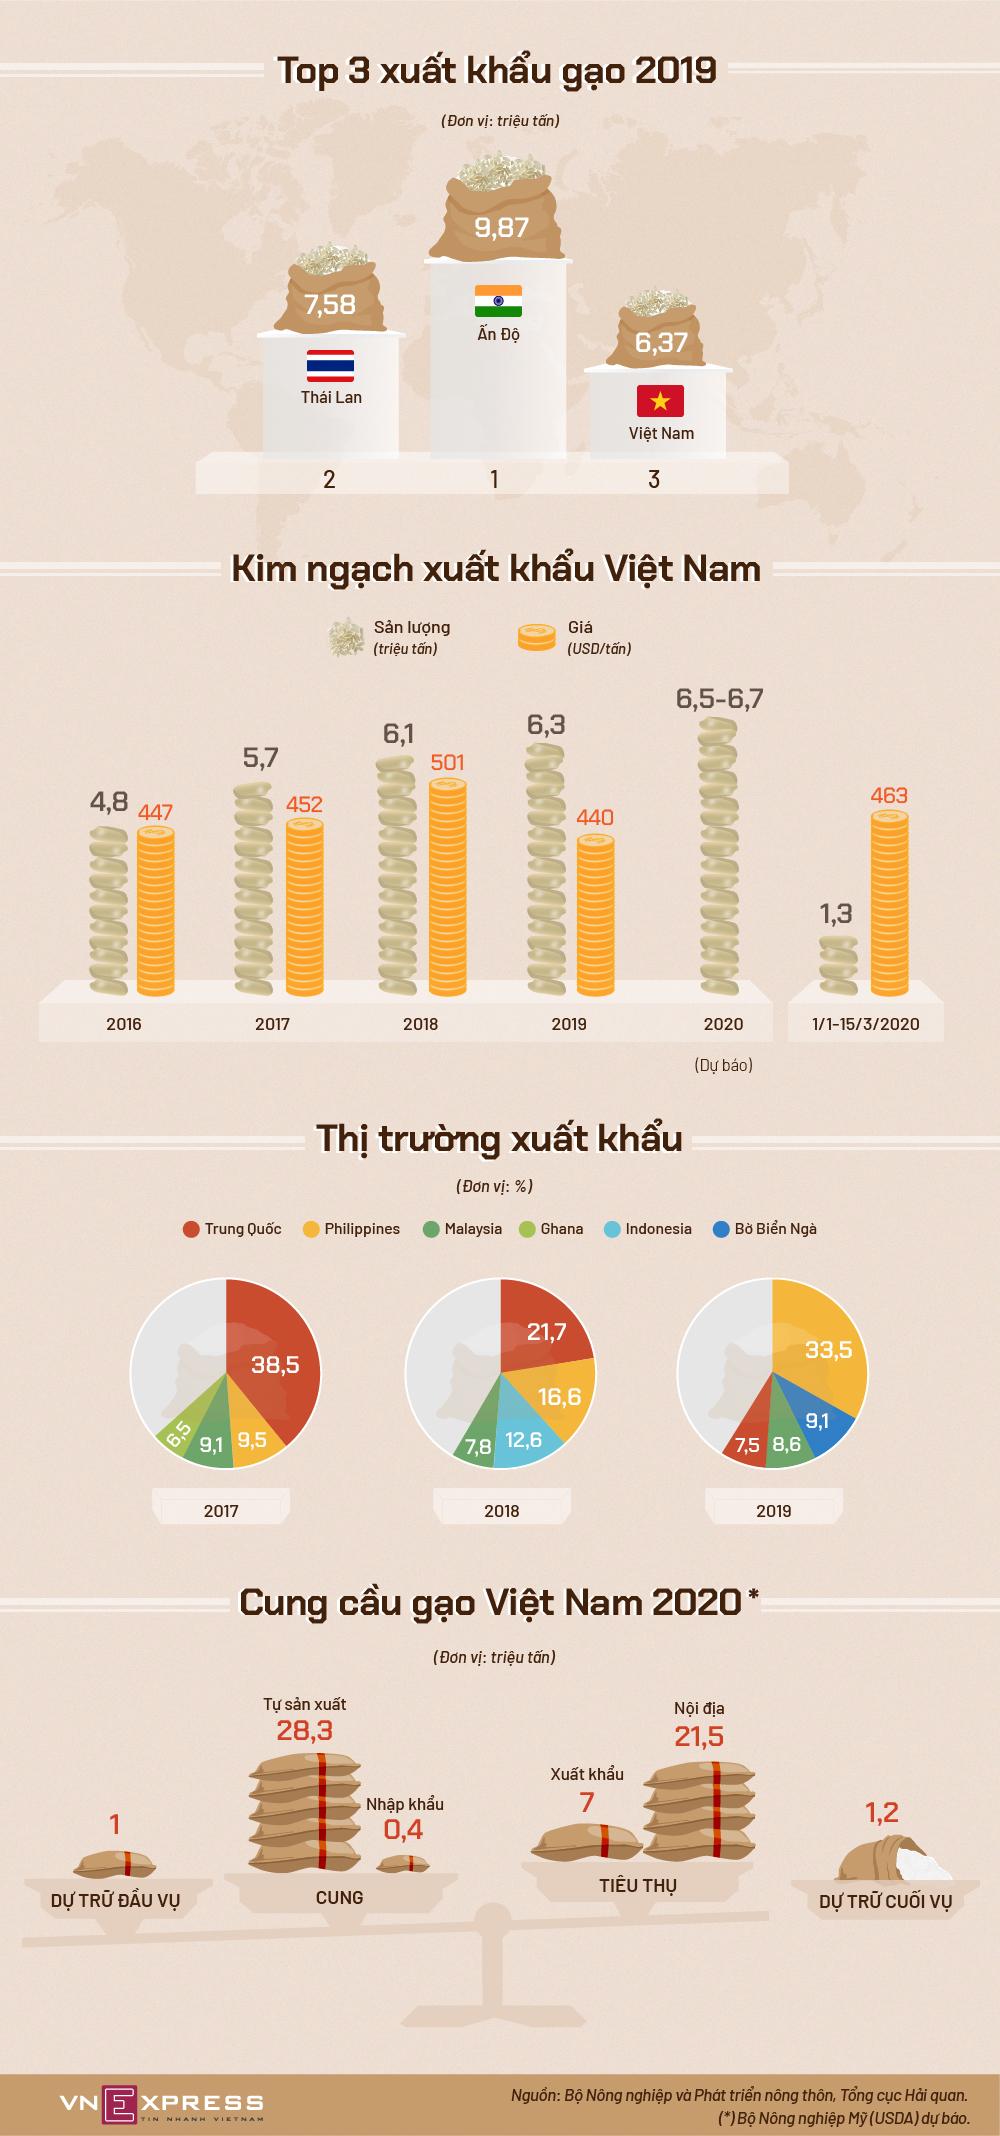 Việt Nam xuất khẩu gạo thế nào - ảnh 1